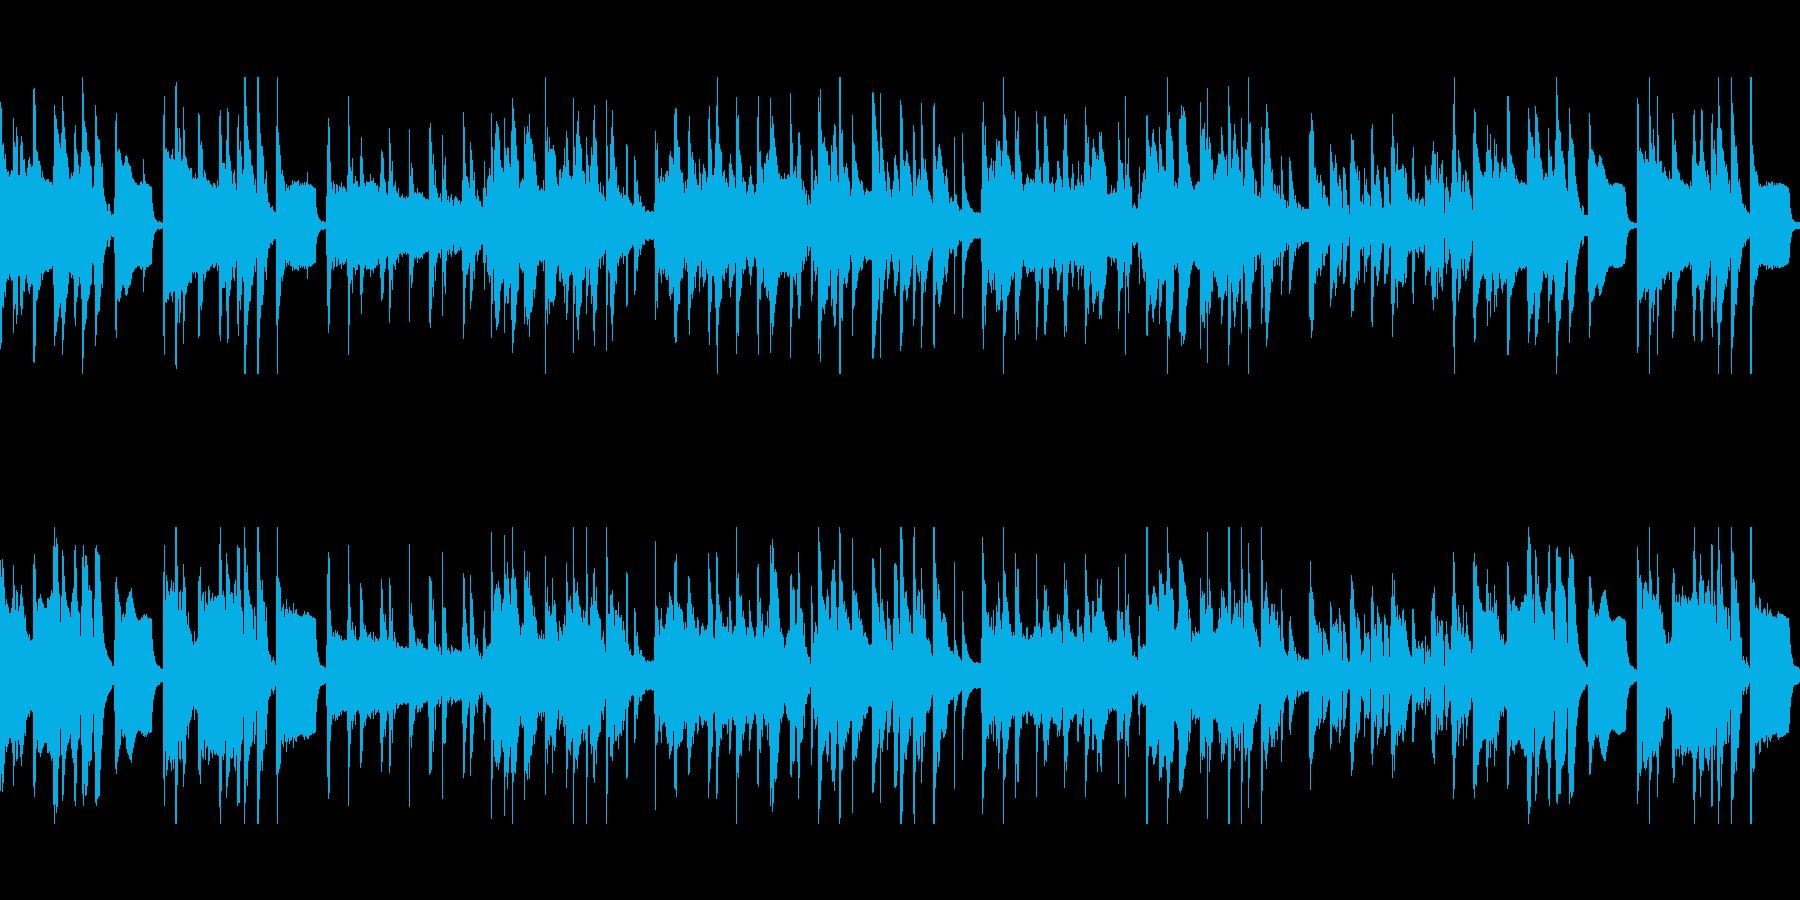 おとぼけシーンに!間抜けな木琴ブルースの再生済みの波形